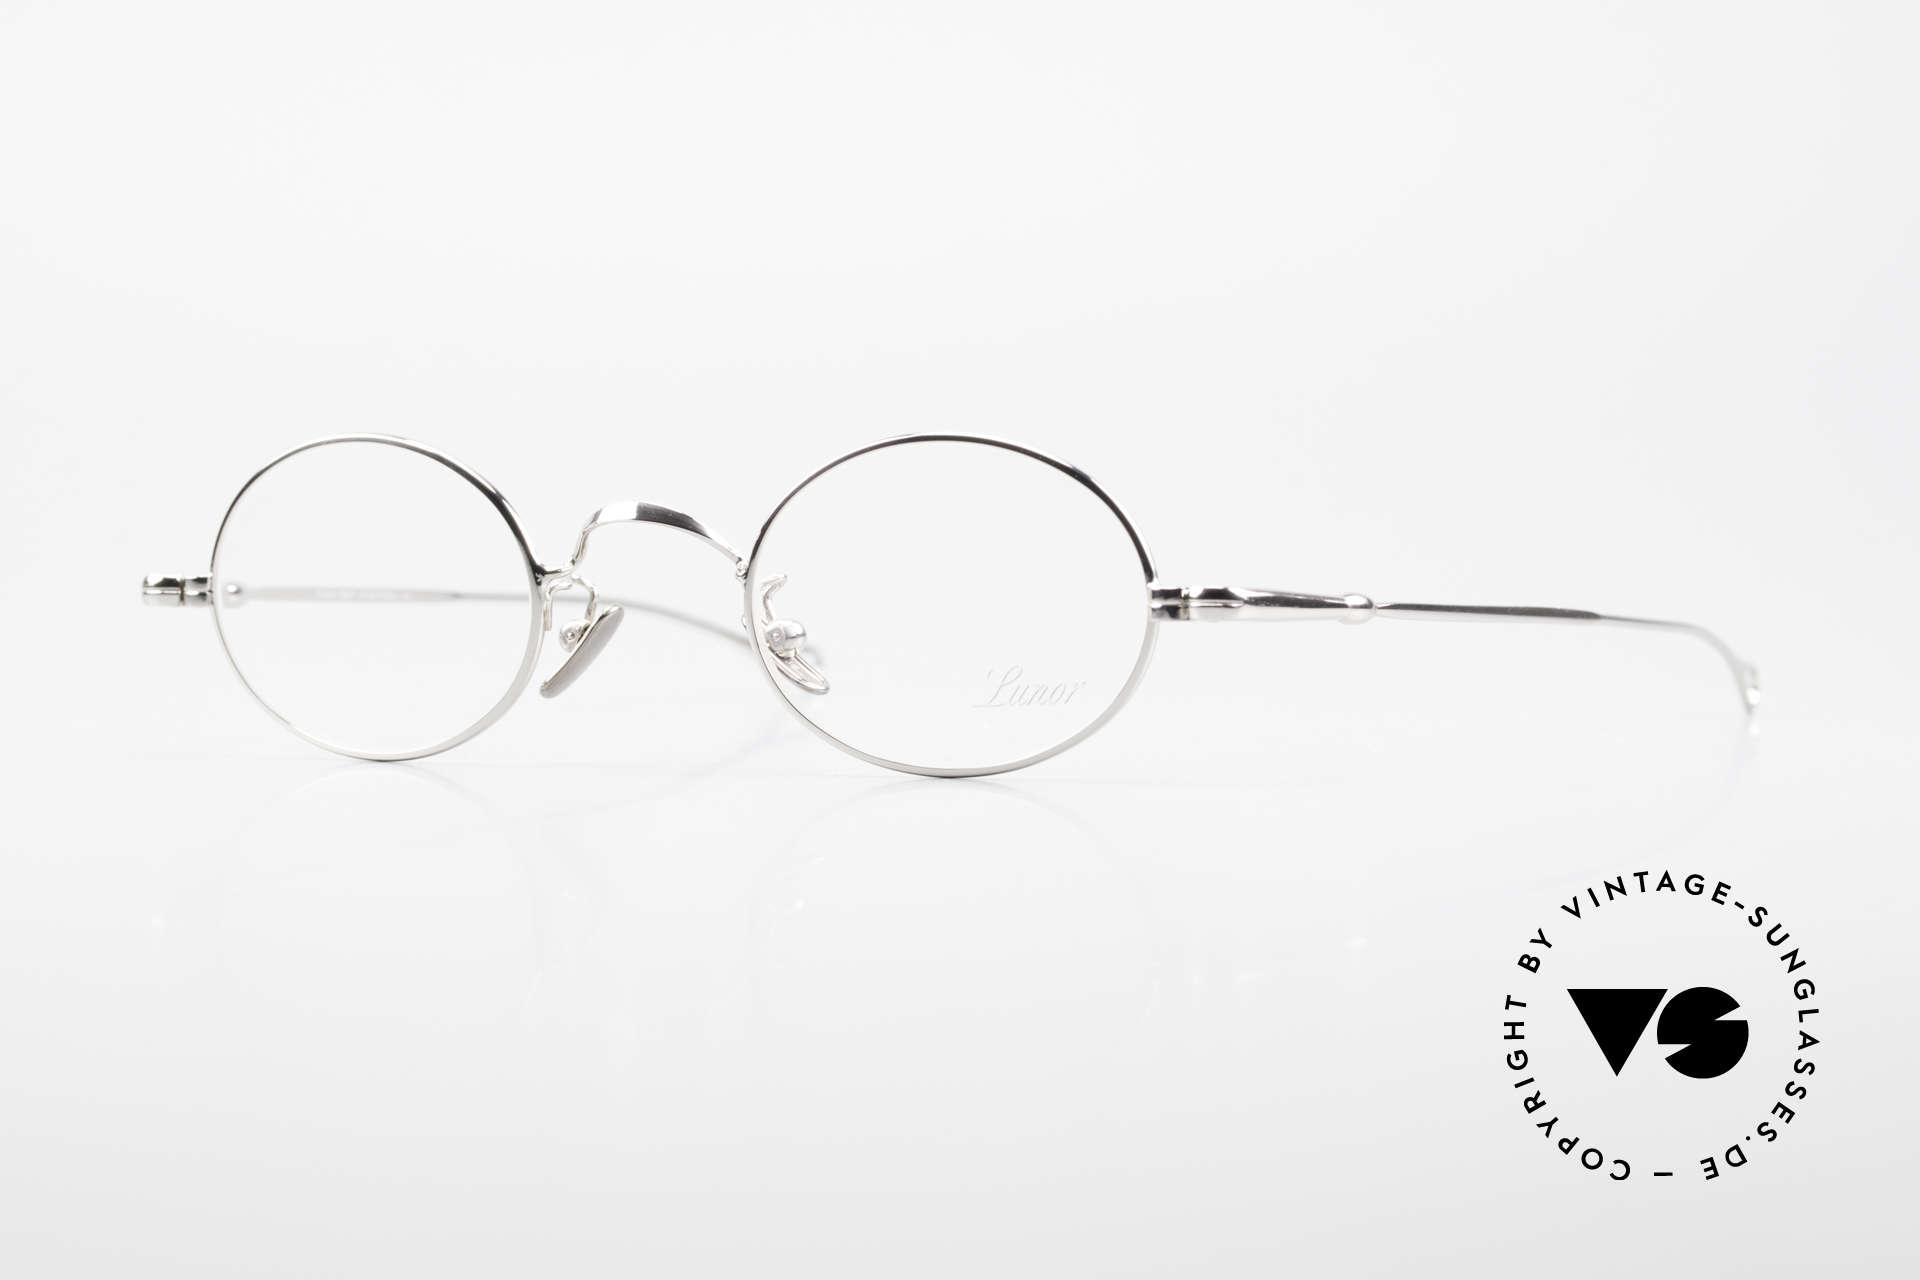 Lunor V 100 Ovale Vintage Lunor Brille, LUNOR = ehrliches Handwerk mit Liebe zum Detail, Passend für Herren und Damen